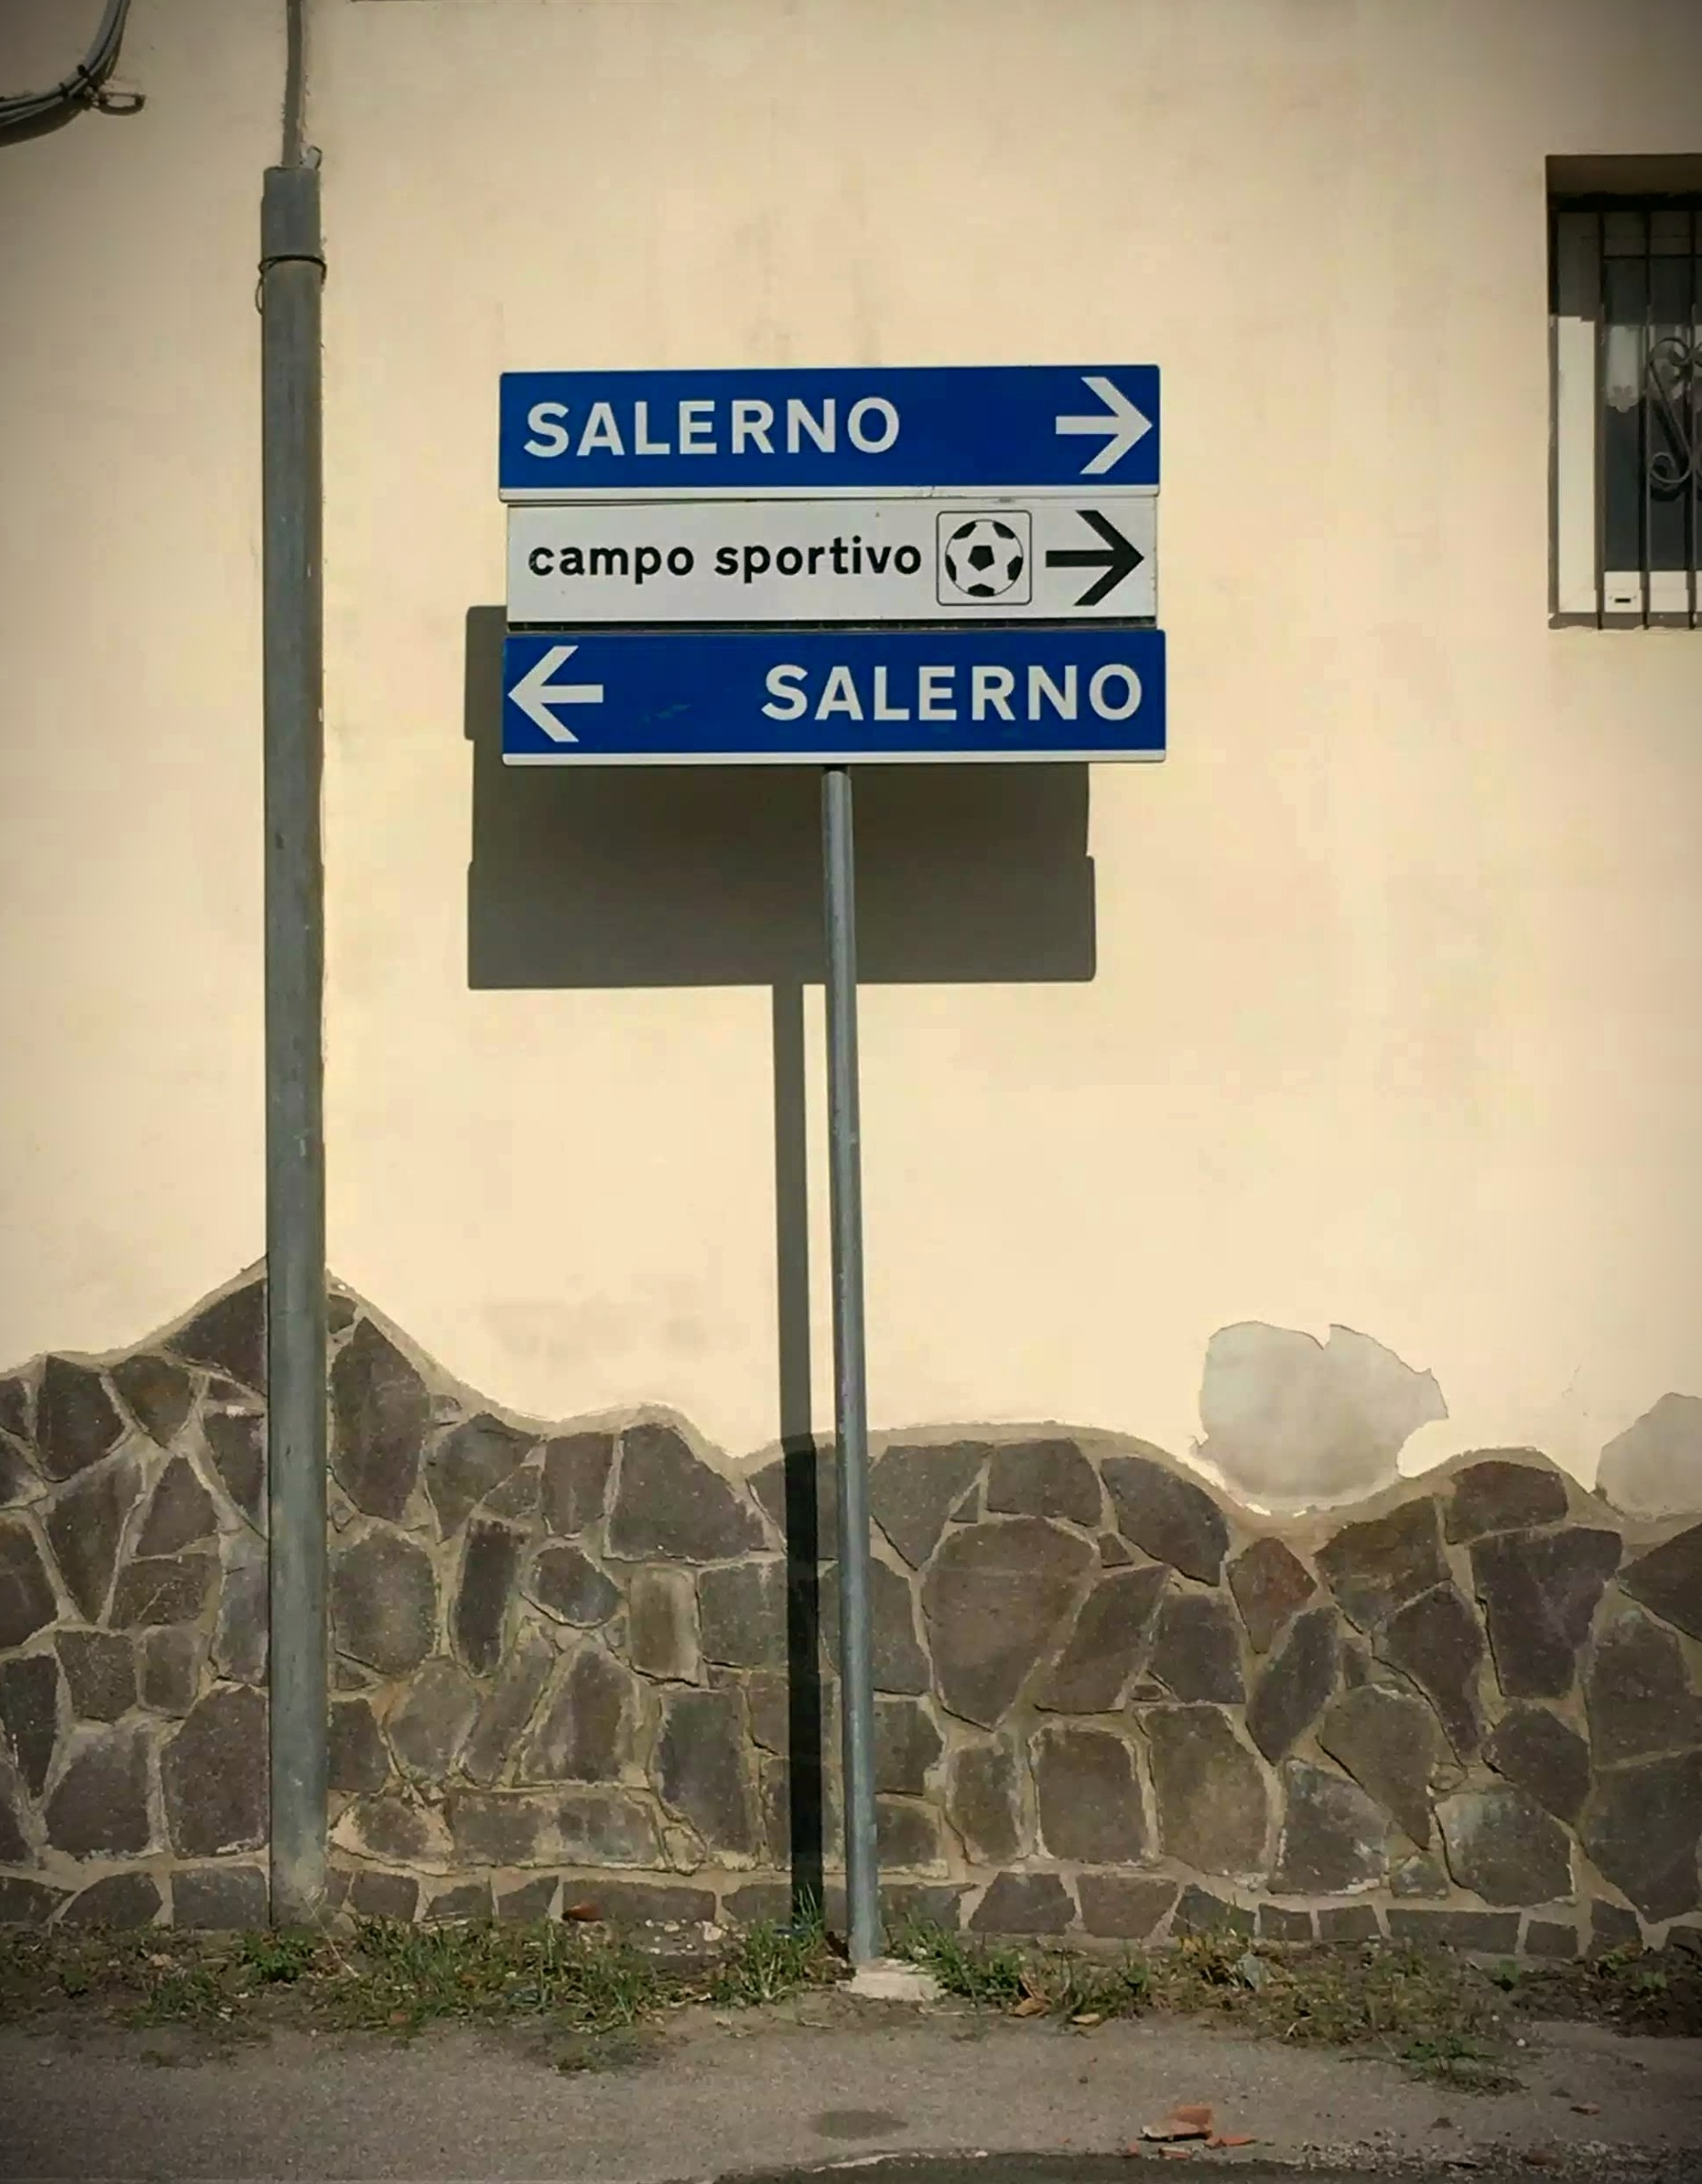 un simpatico cartello che mostra che in qualunque direzione vai, arrivi a Salerno